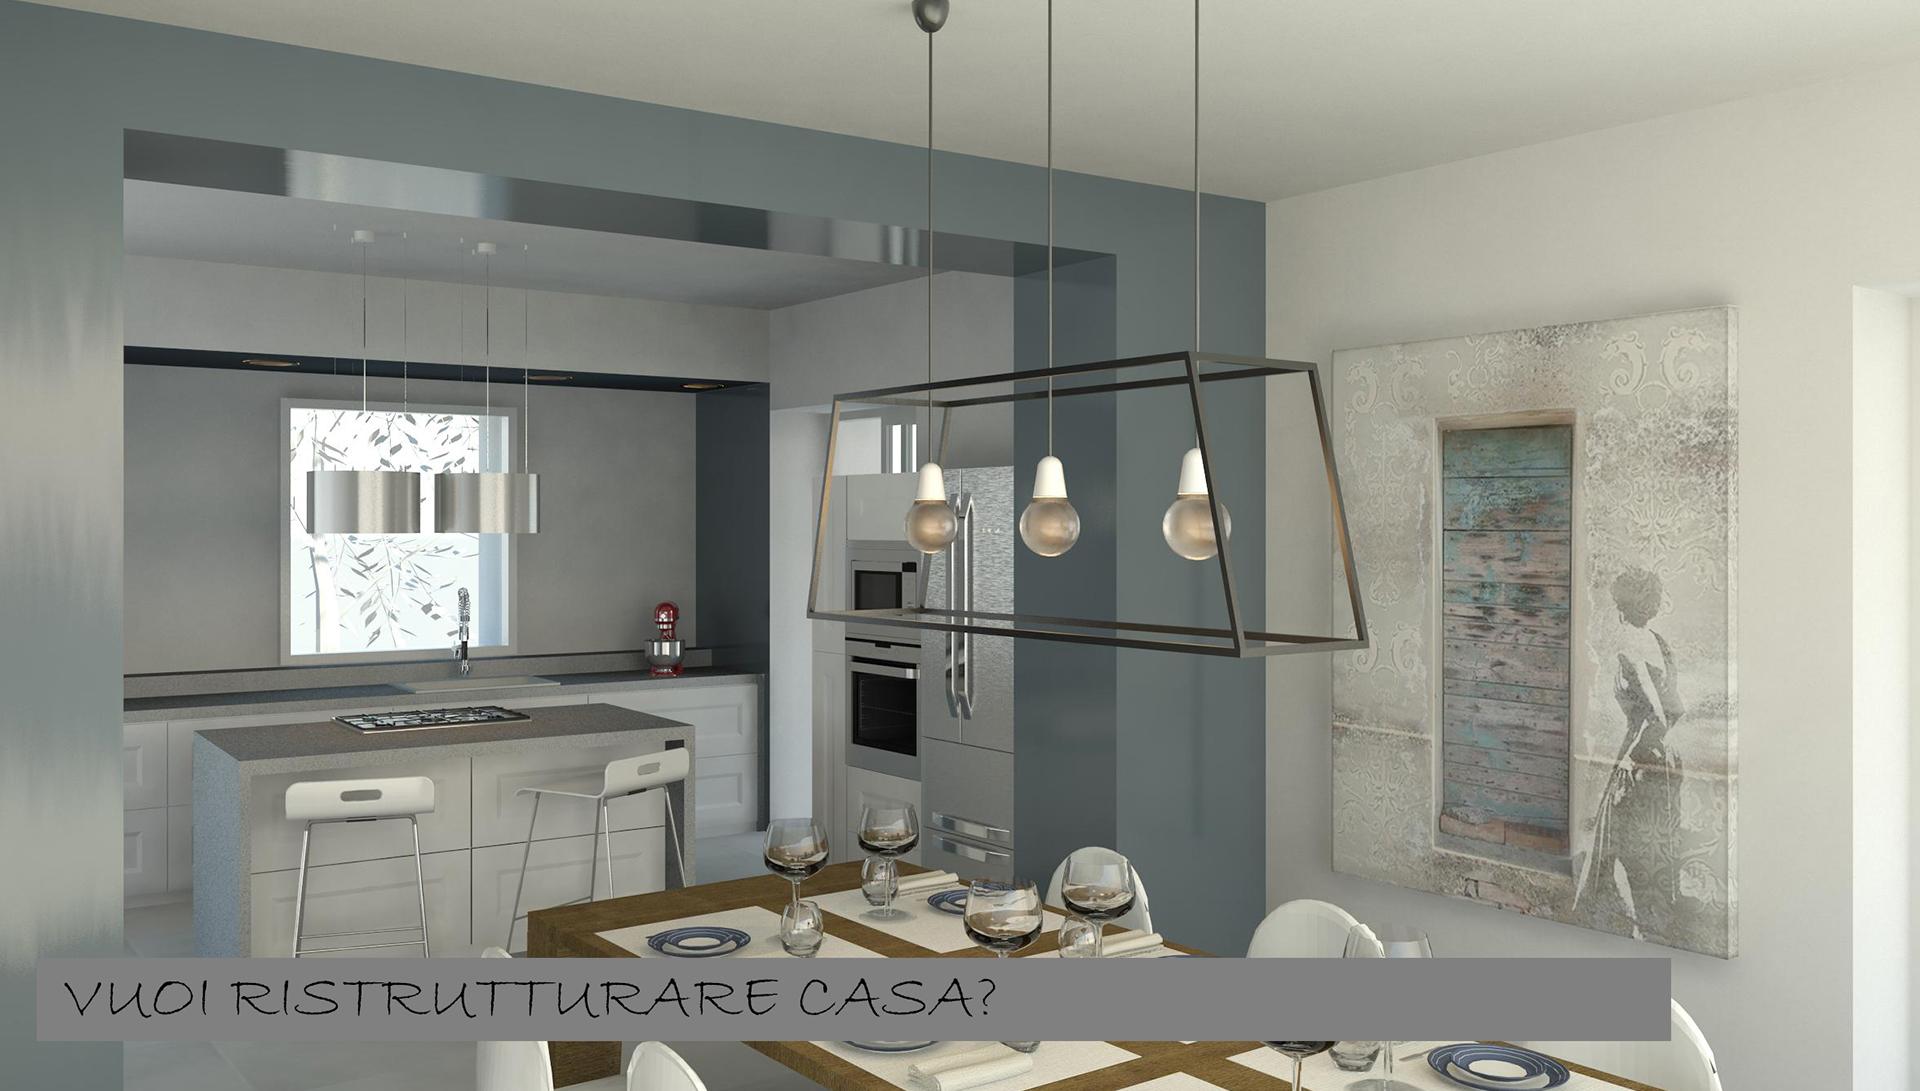 Progettazione Dinterni On Line : Rinnoviamo casa consulenza architettonica e progettazione d